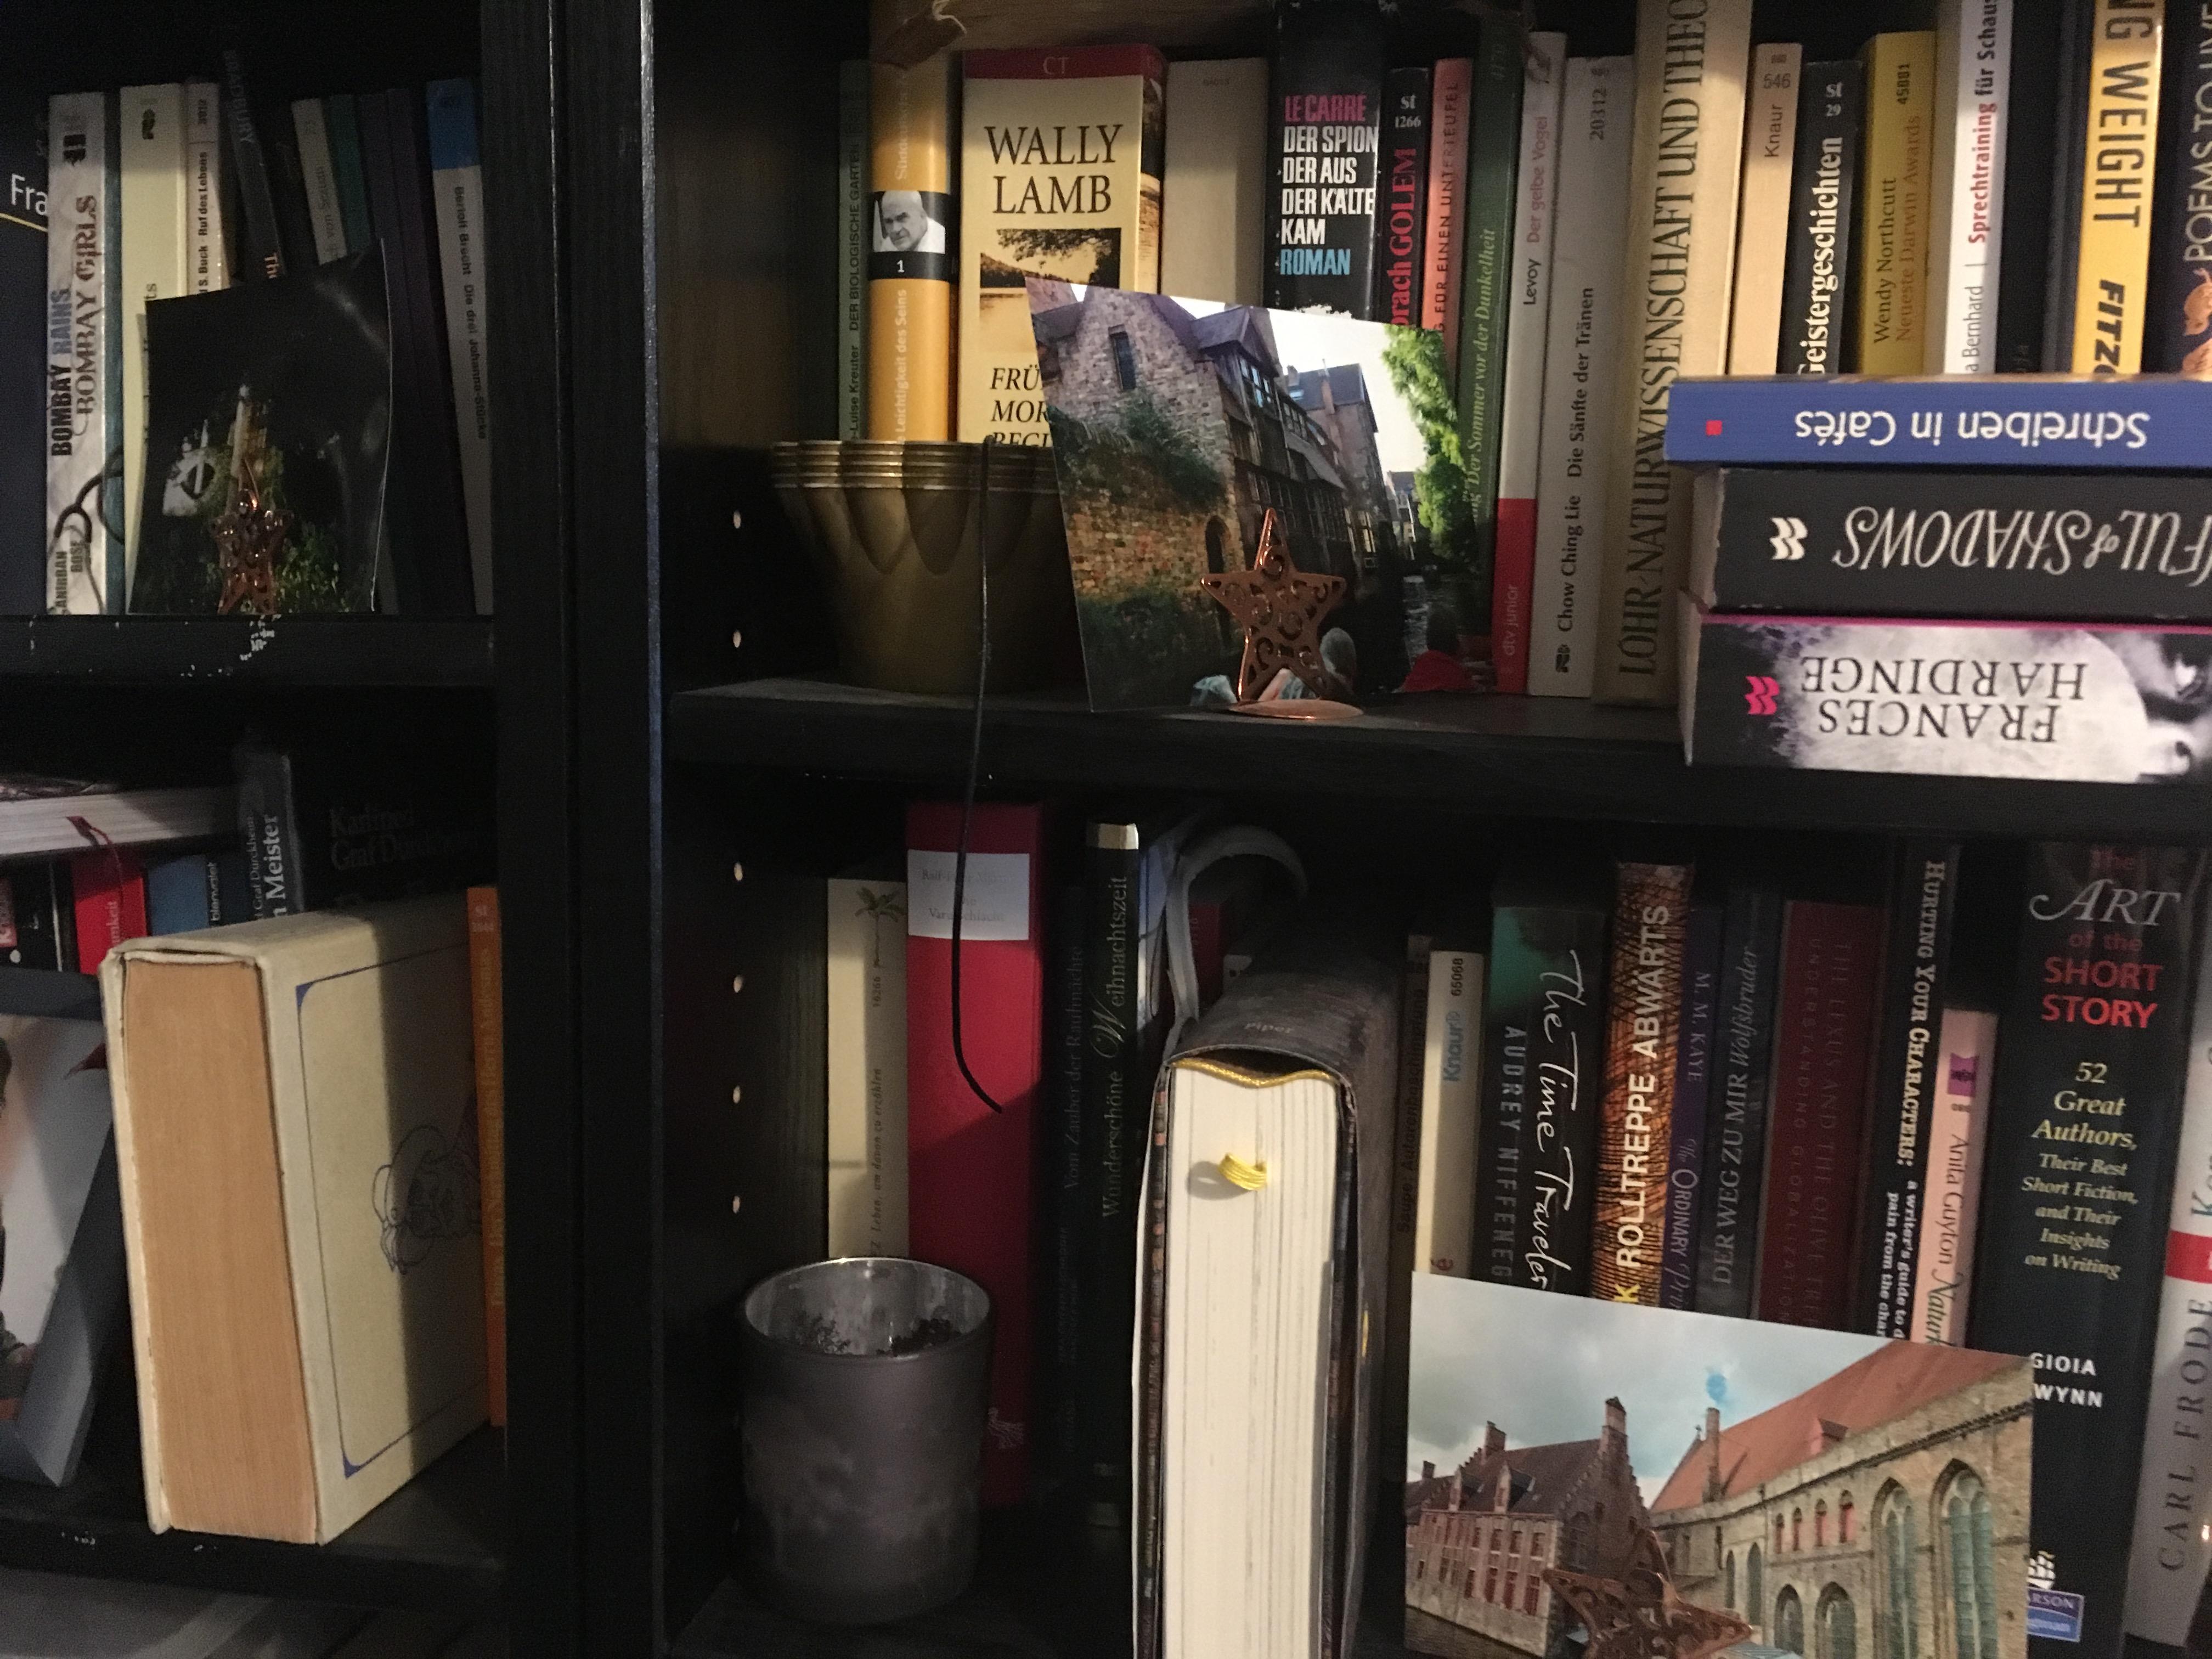 In einem schwarzen Bücherregal (Ausschnitt) liegen, stapeln und drängeln sich diverse Bücher. Chaos.